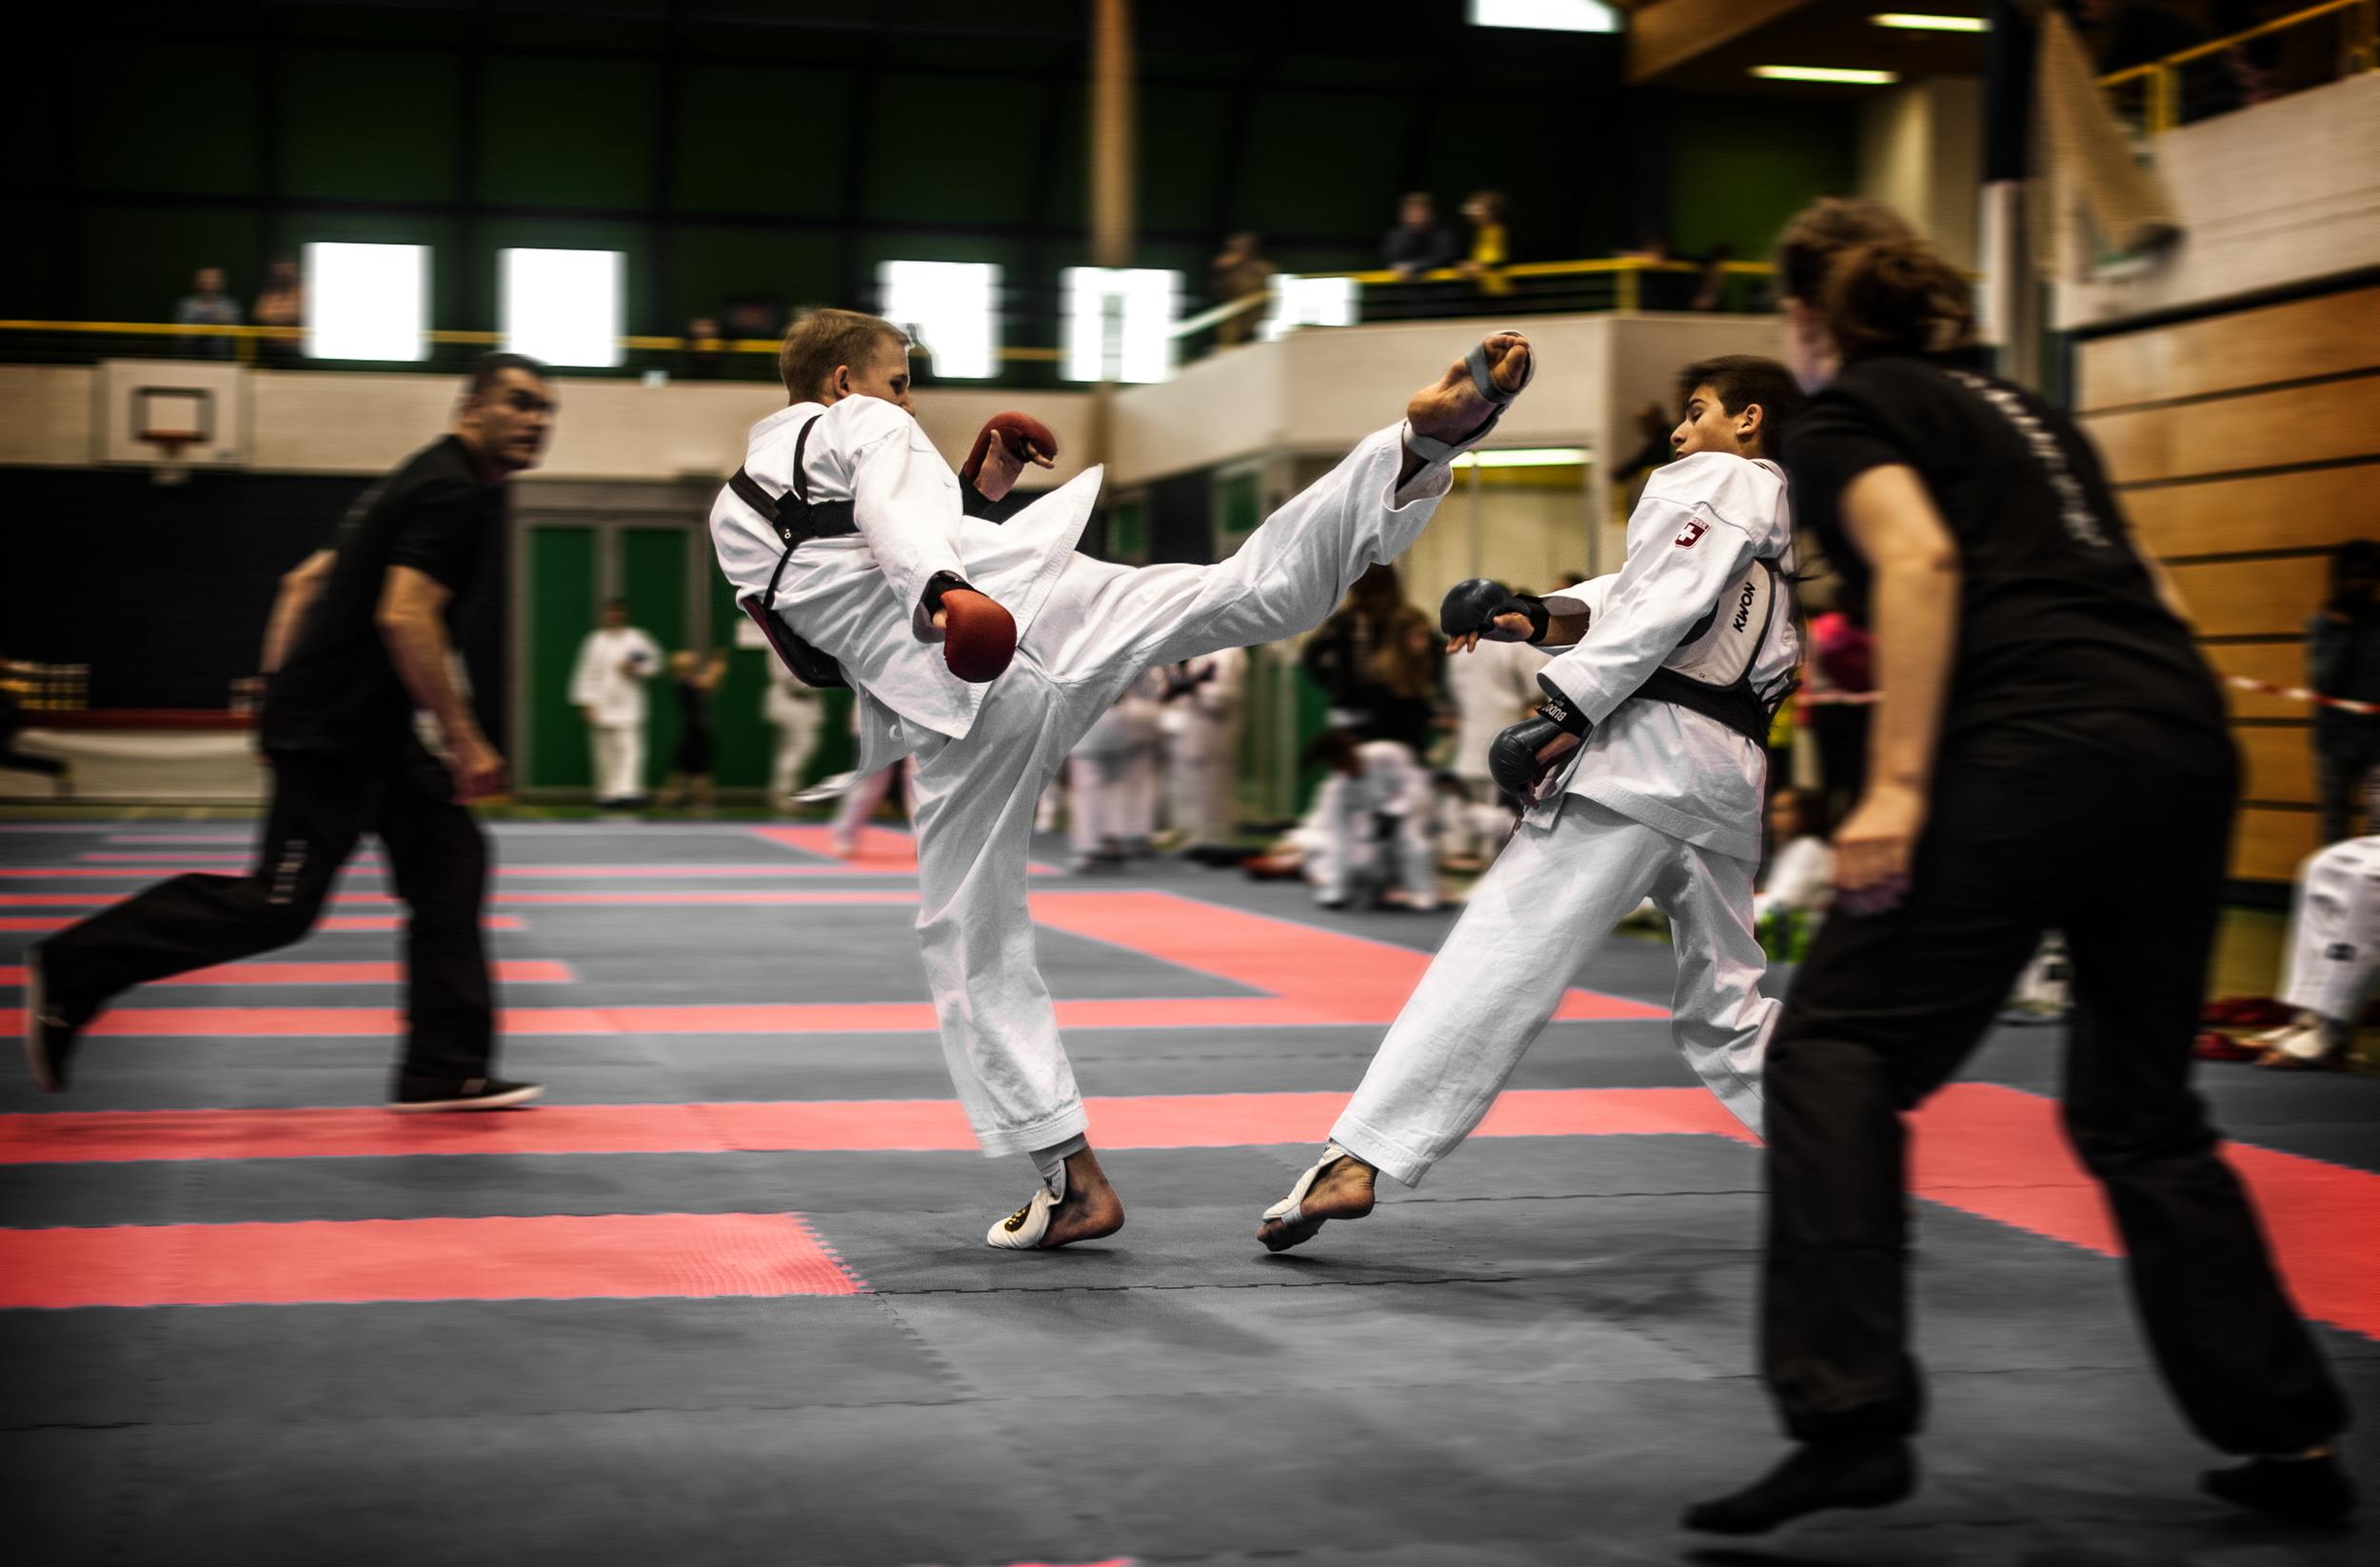 Die Teilnahme an Turnieren gehört zu den prägendsten Lebenserfahrungen für Jugendliche